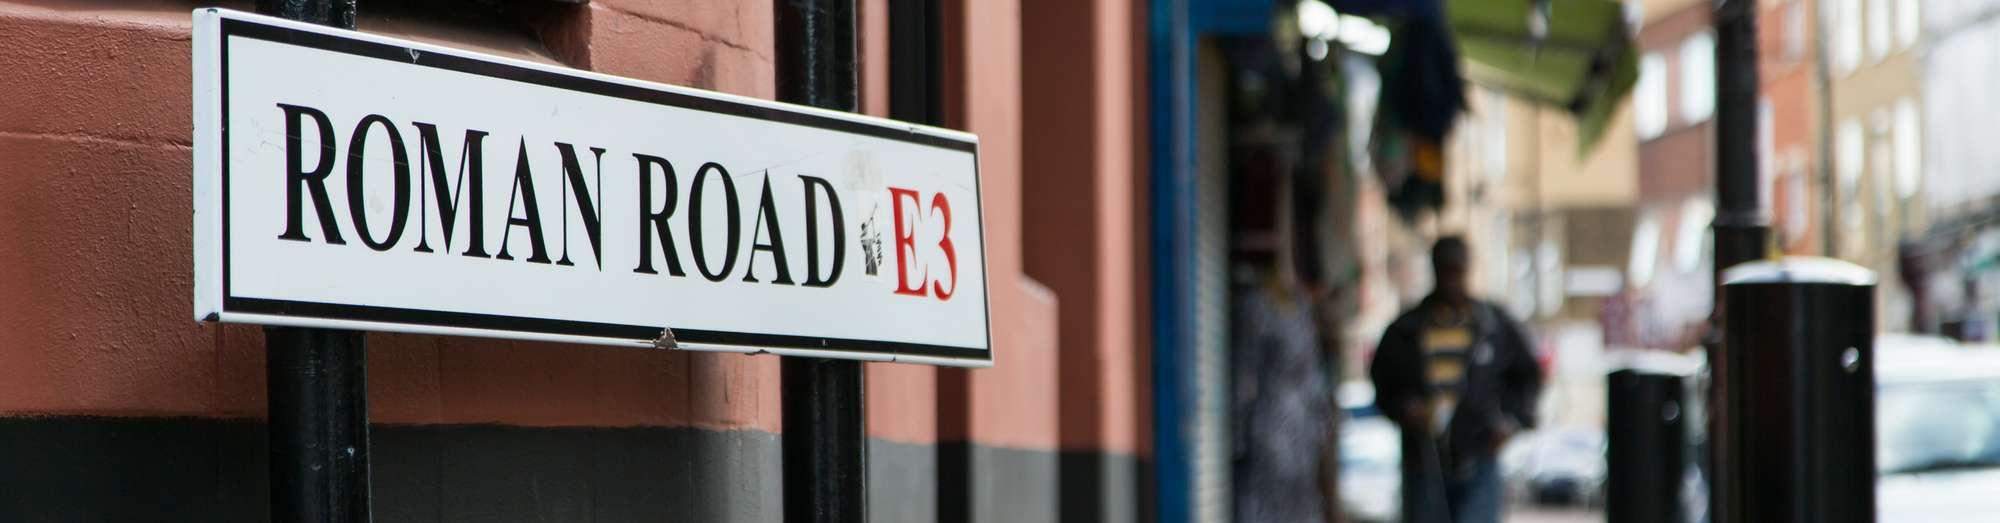 Roman Road road sign